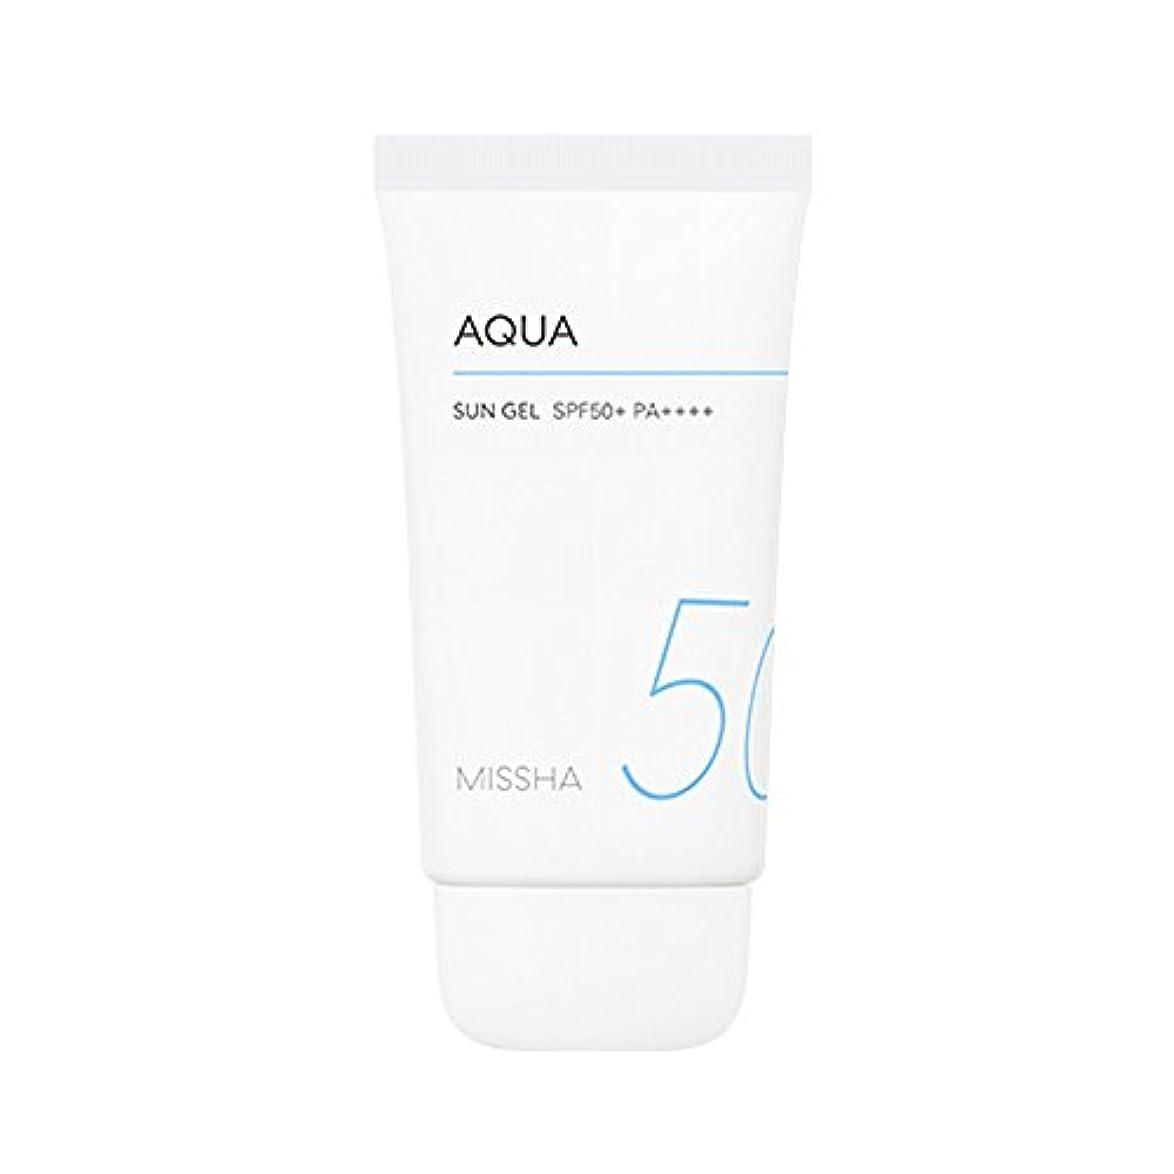 軽減ブルアコーMissha All Around Safe Block Aqua Sun Gel SPF50+ PA++++ 50ml ミシャ オール アラウンド セーフ ブロック アクア サン ジェル 50ml [並行輸入品]